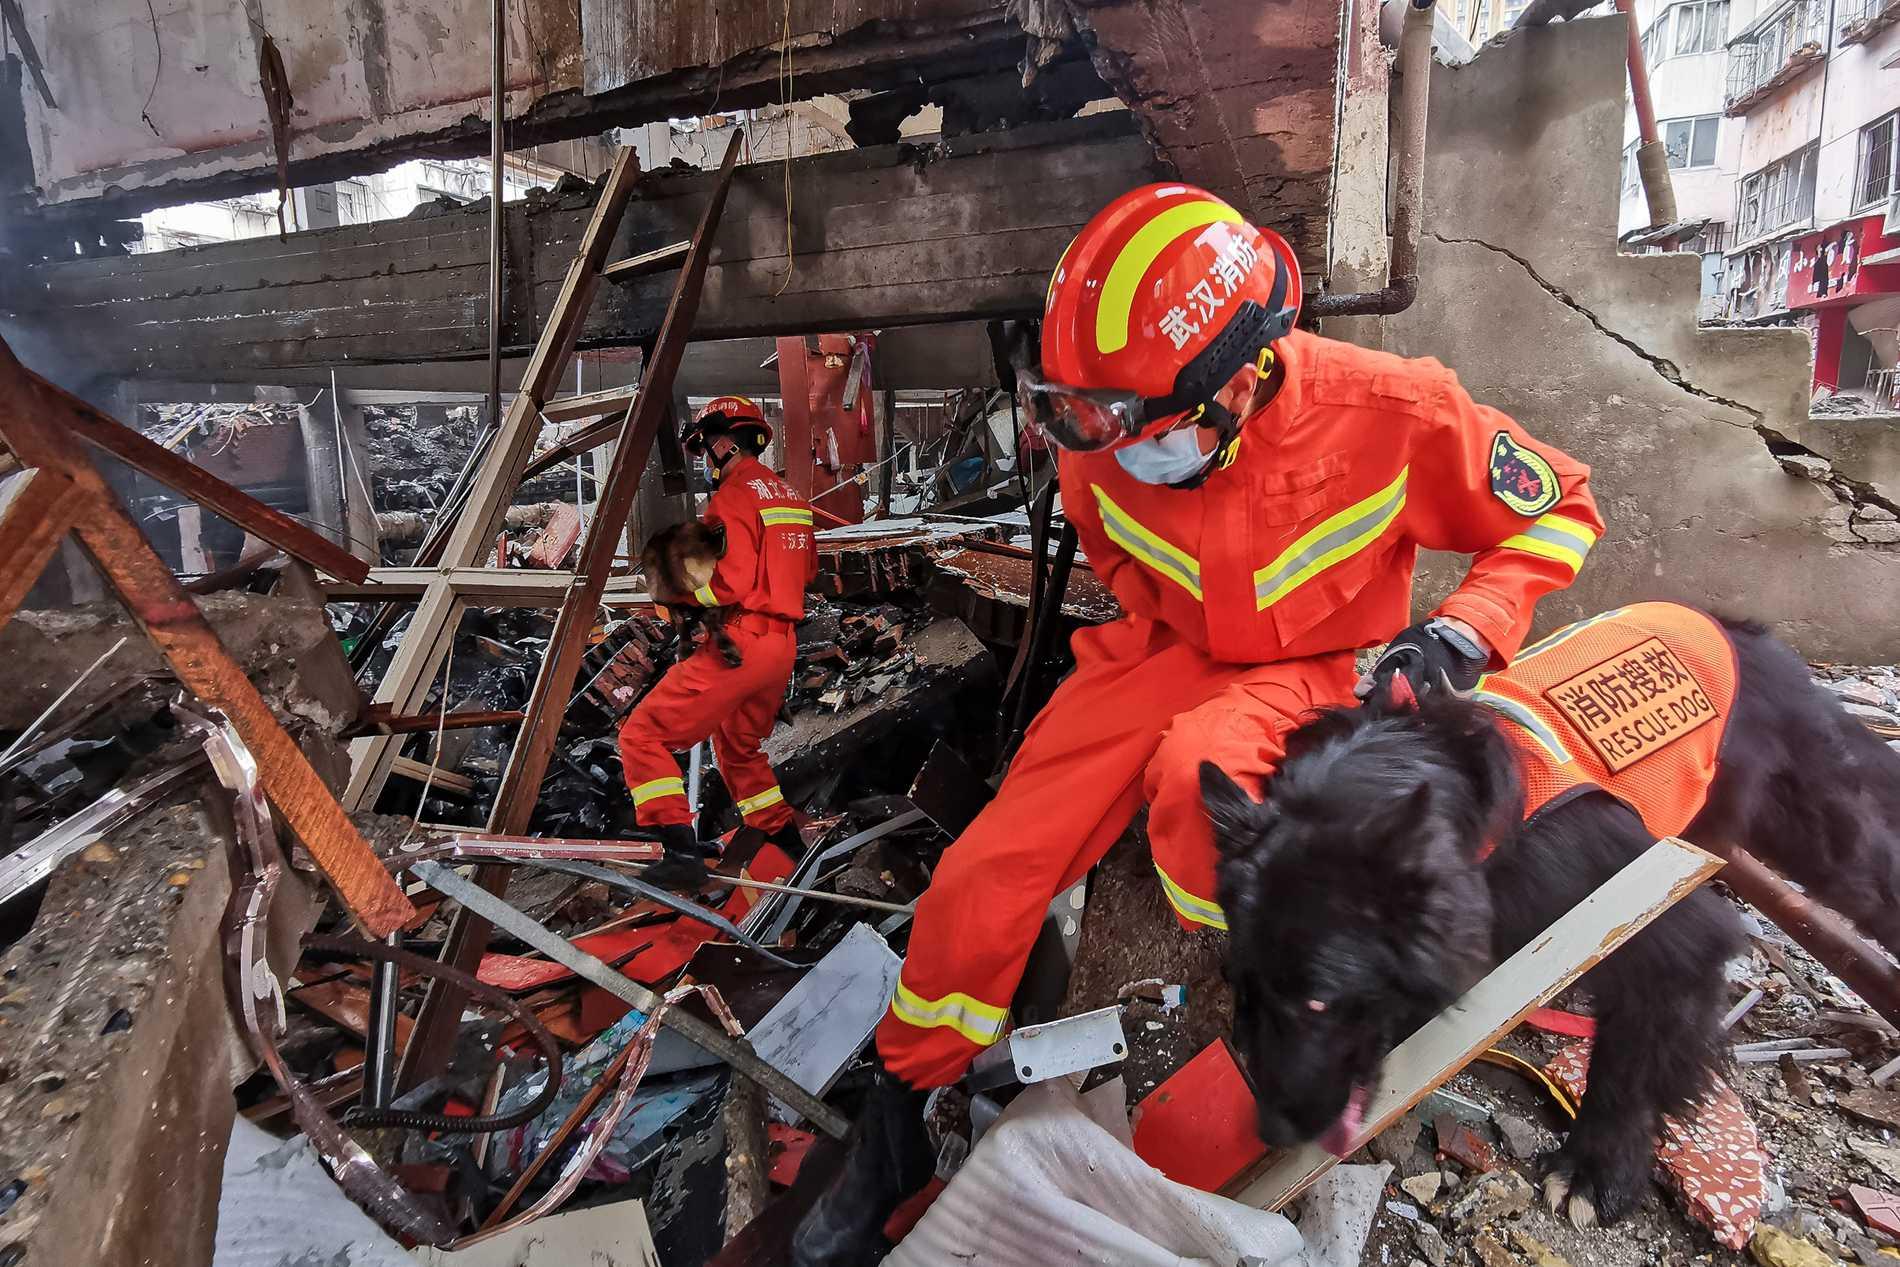 Räddningspersonal tog hjälp av hundar i sökandet efter överlevande efter explosionen.